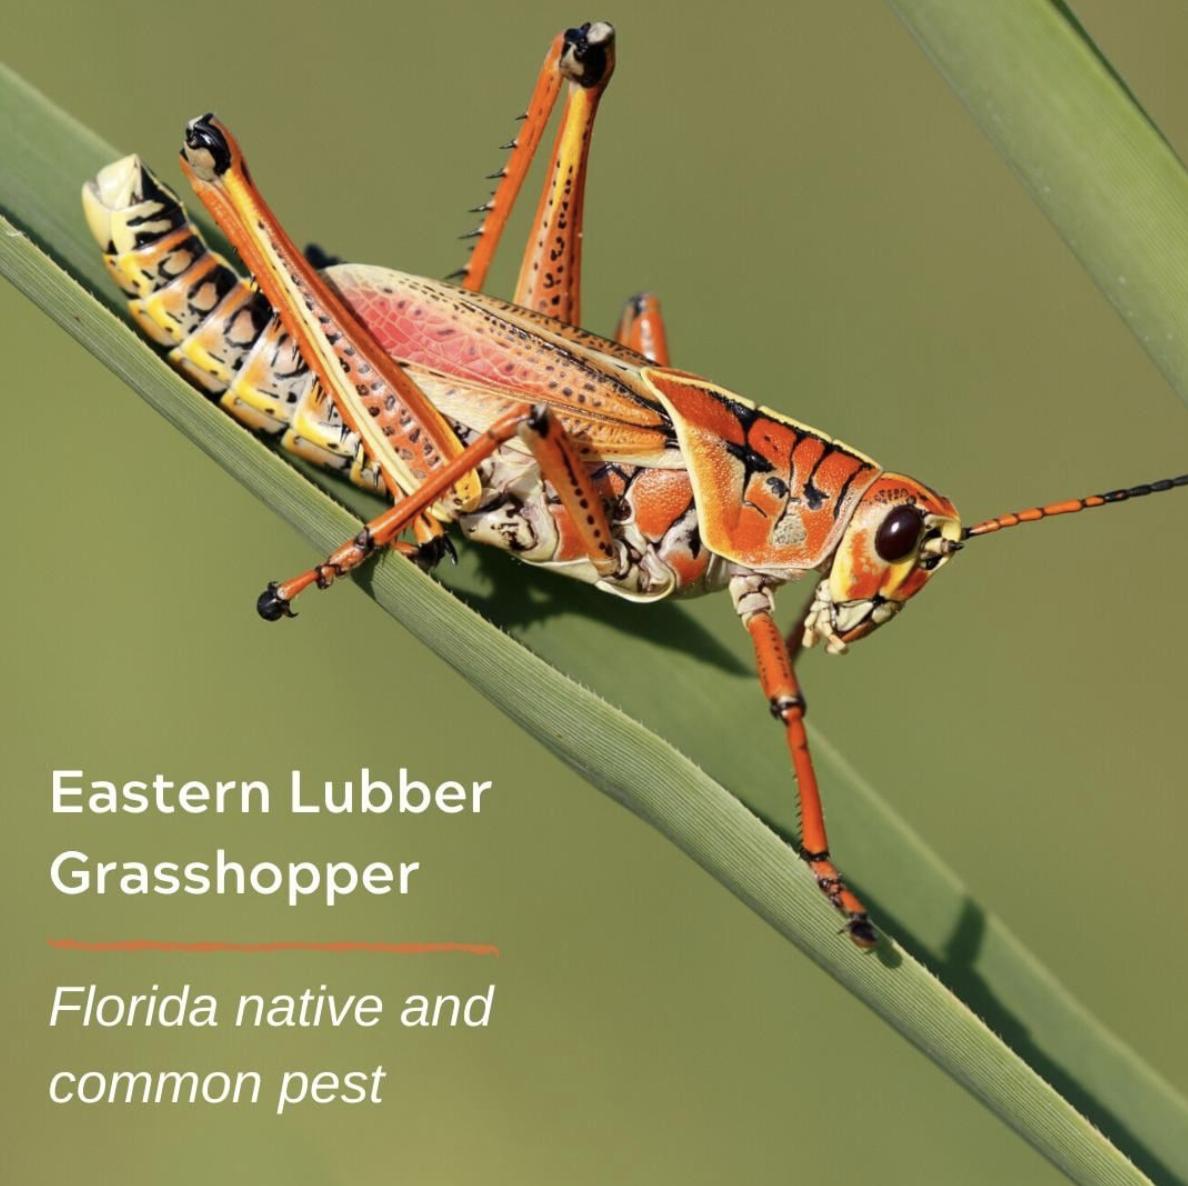 FL grasshopper